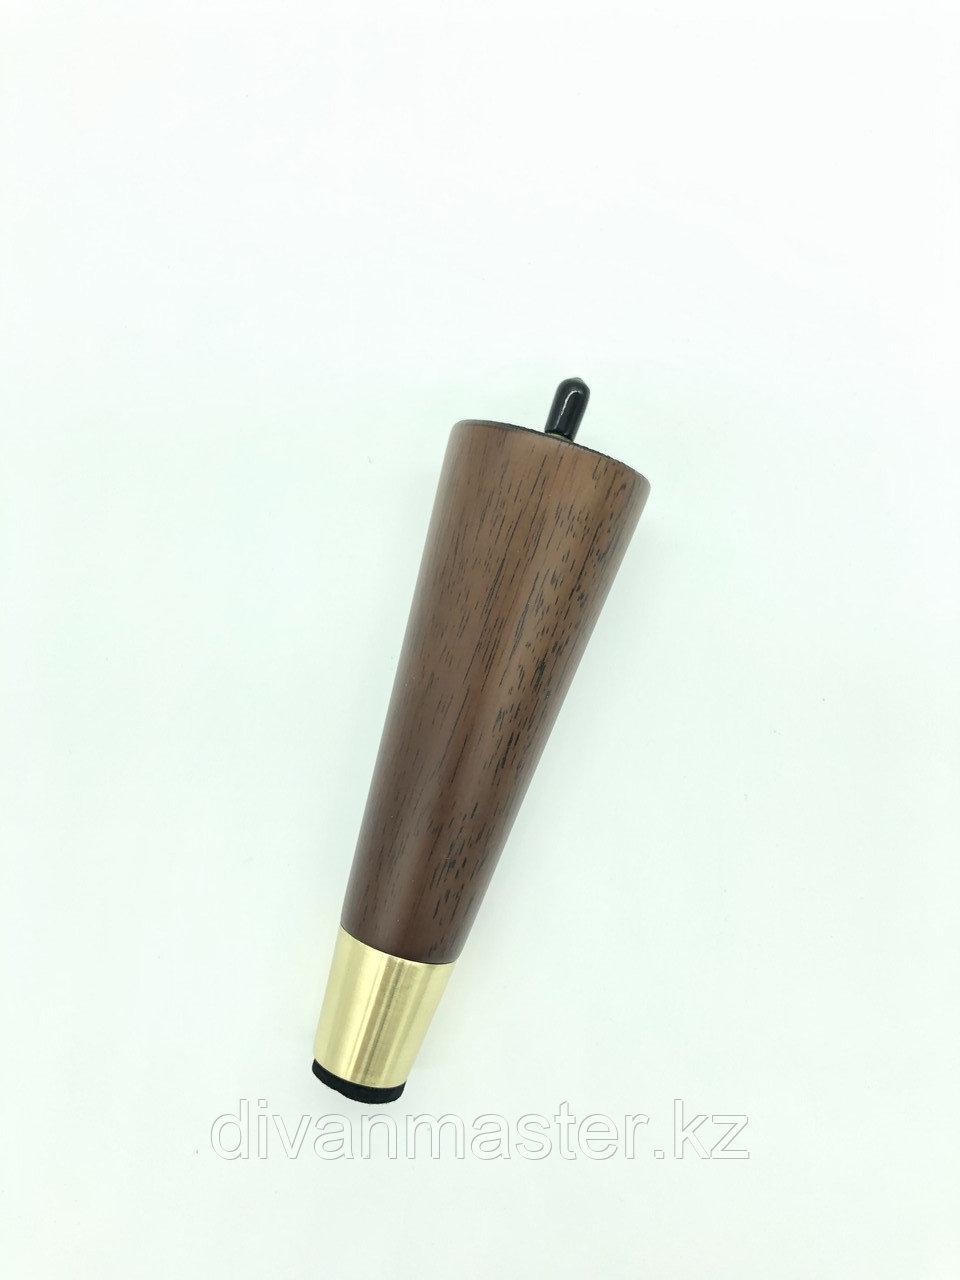 Ножка мебельная, деревянная с латунным наконечником 15 см